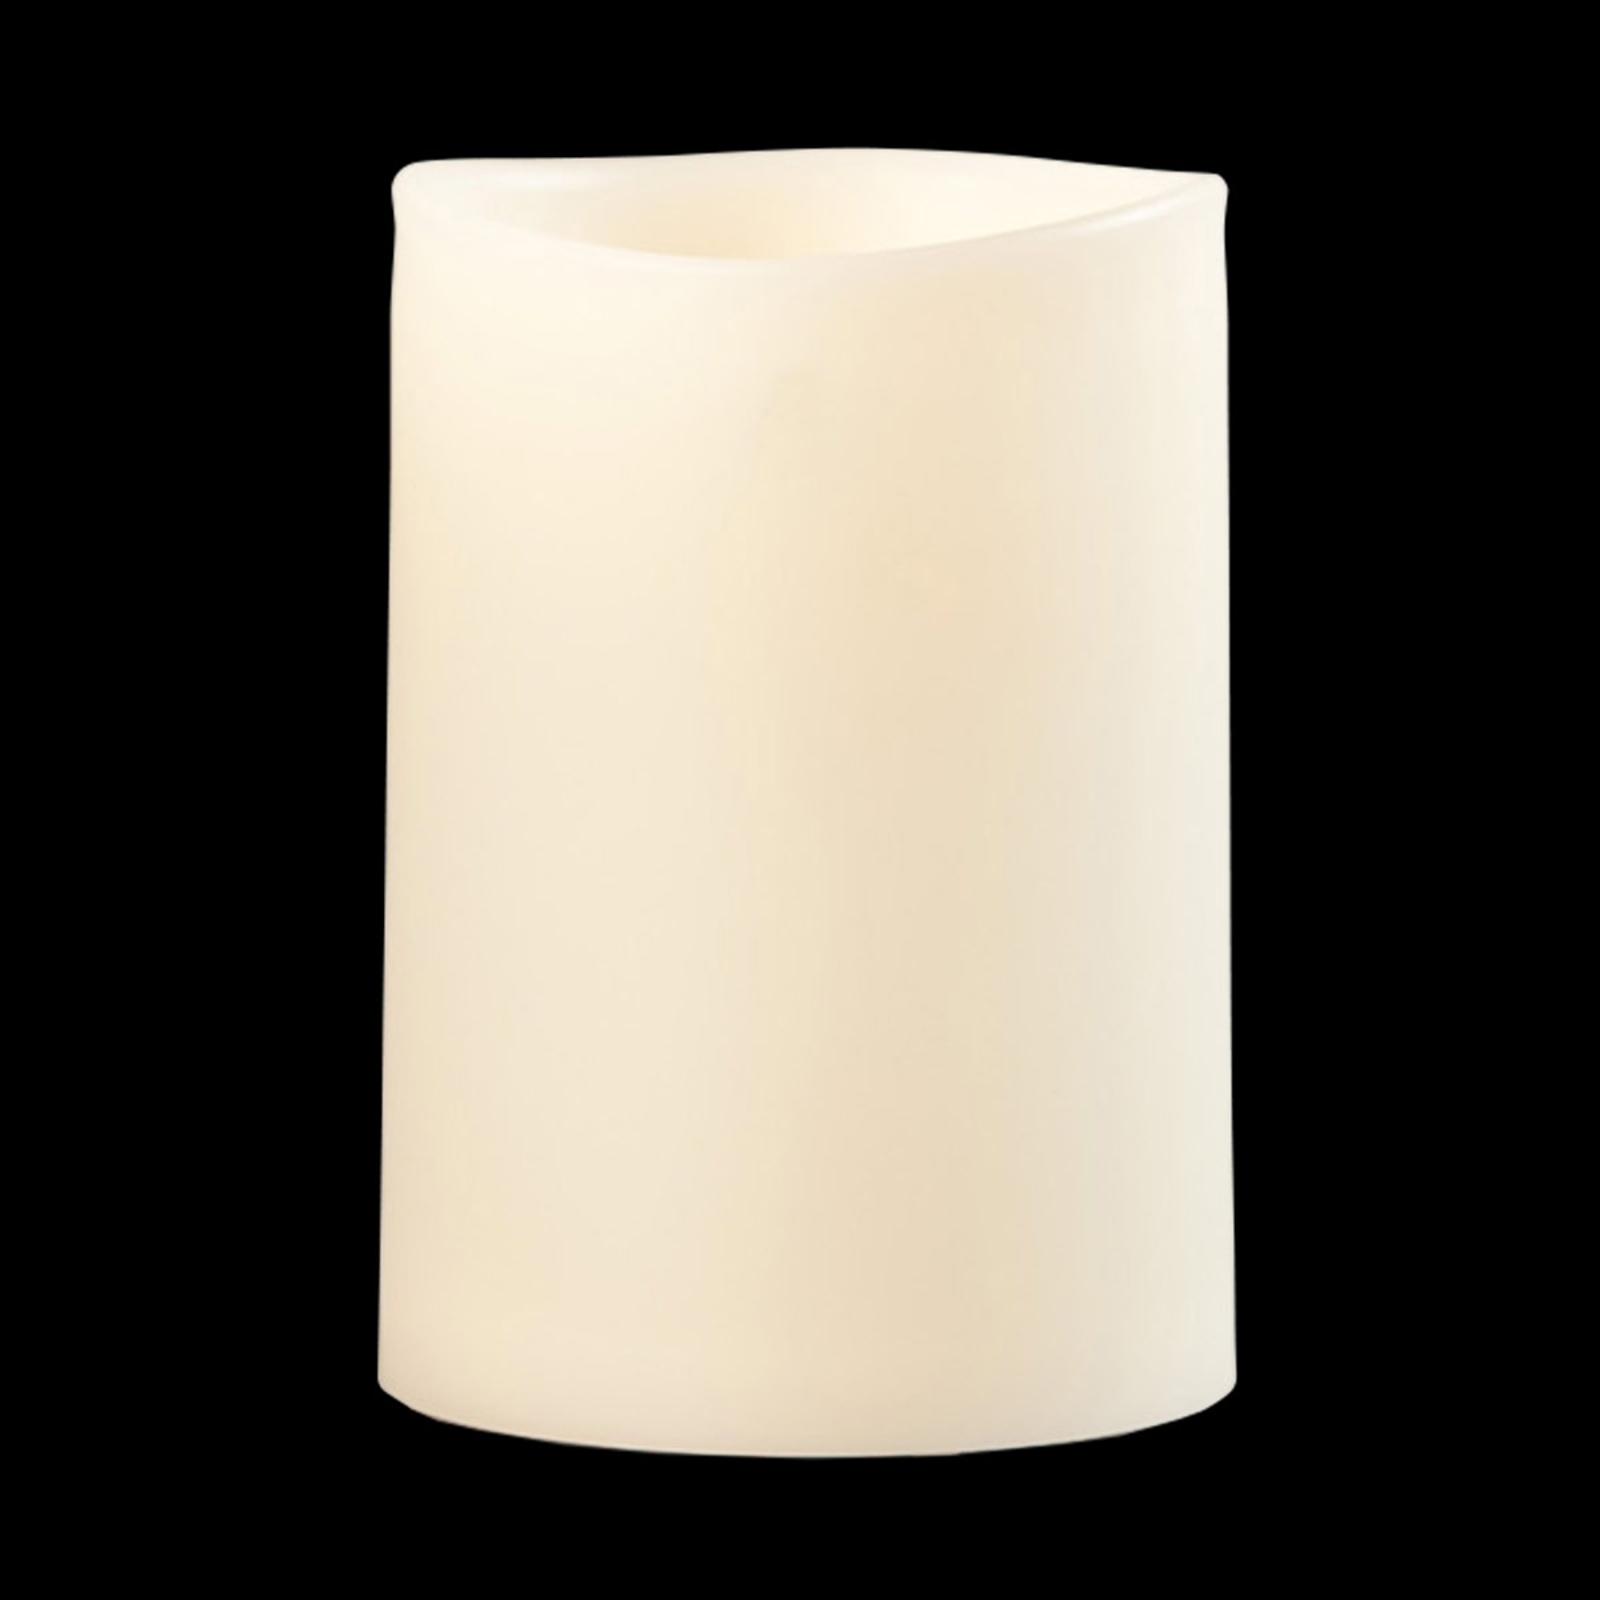 Outdoor Candle LED-dekorationslys, 12,5 cm